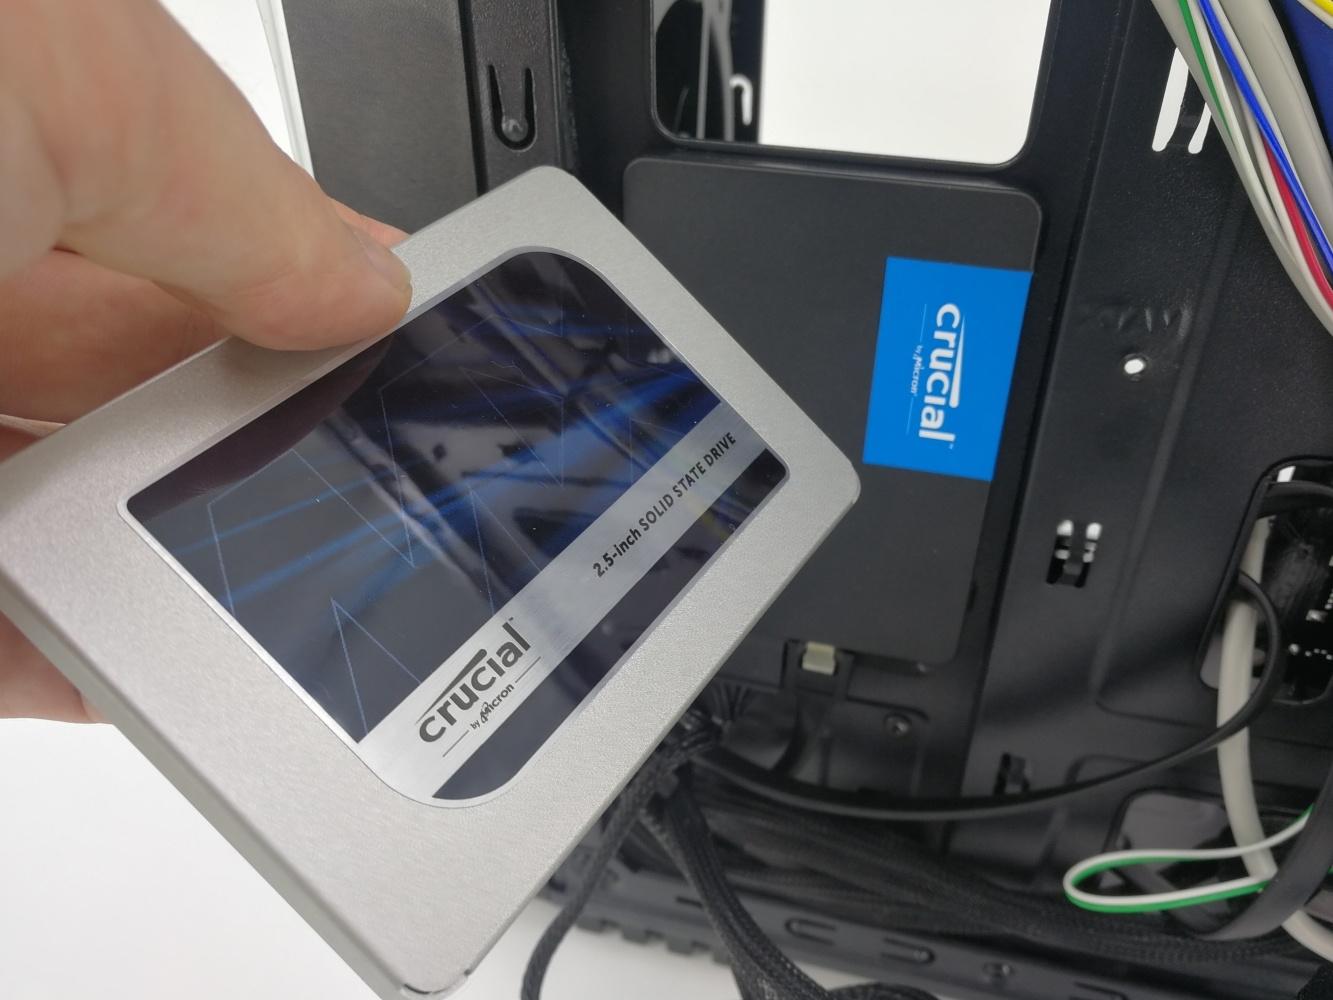 DIY PC Upgrades, adding an SSD at PB Tech! - PBTech co nz